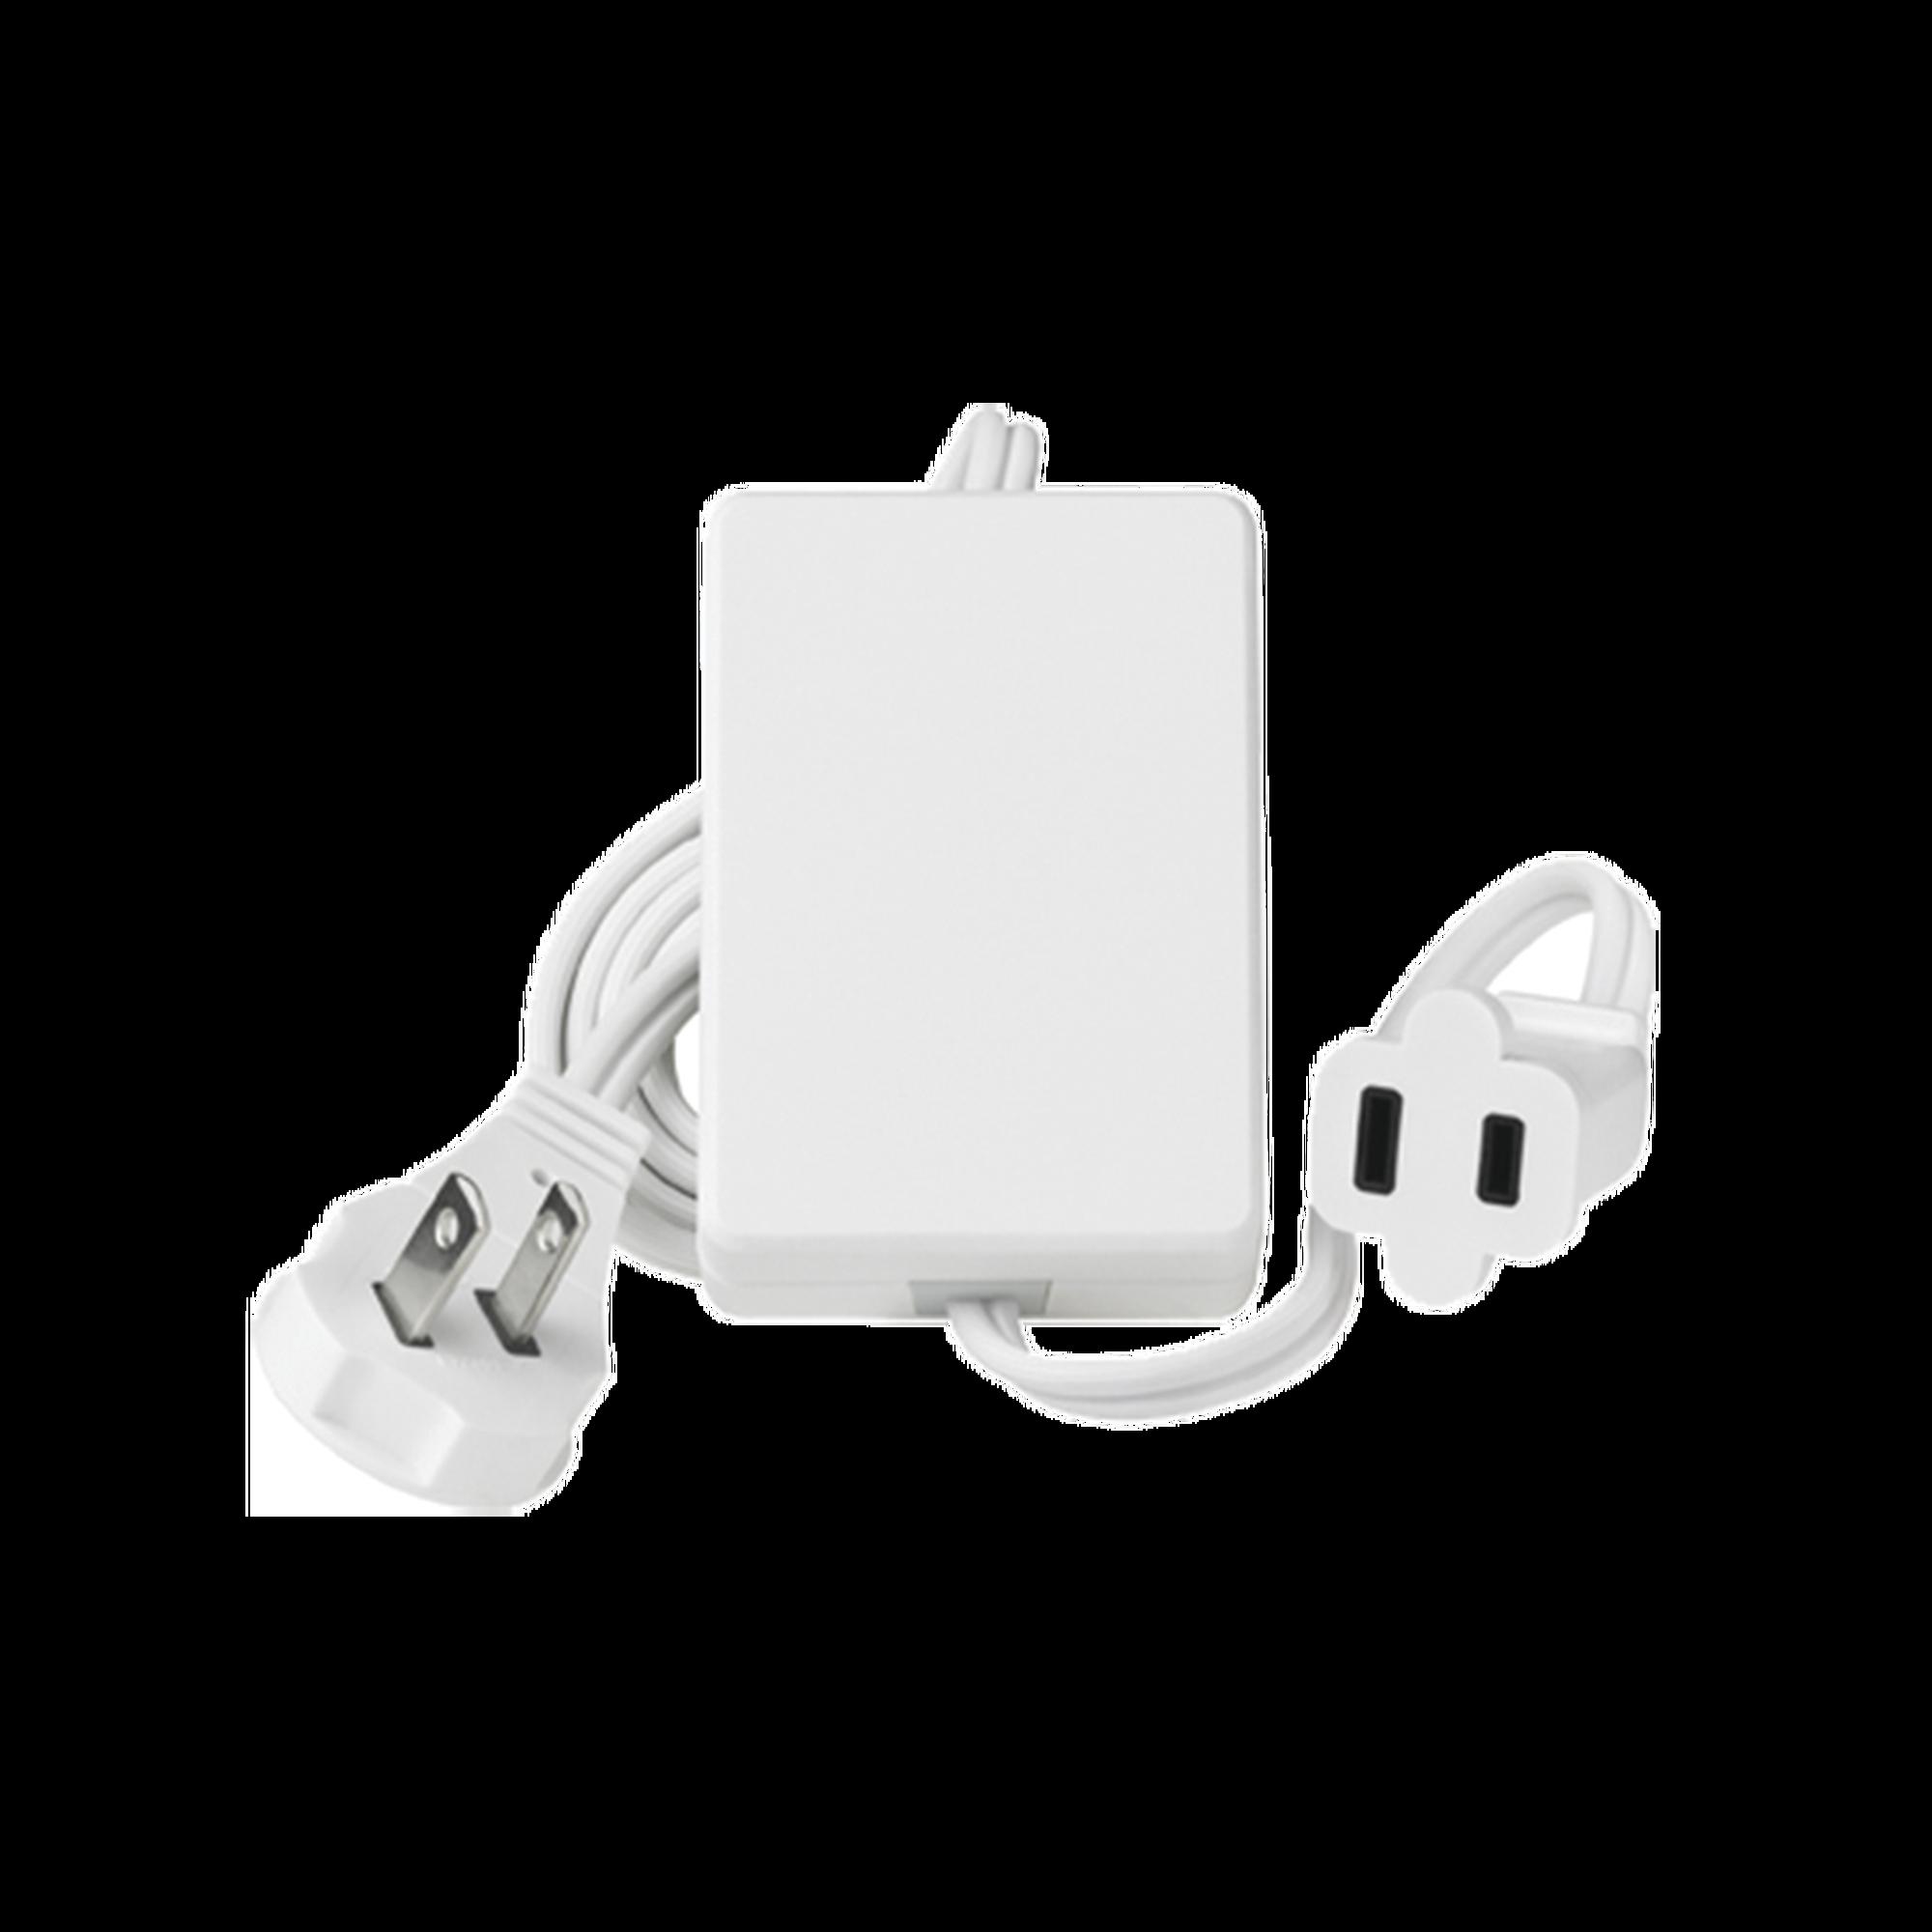 Adaptador atenuador para lamparas, se enchufa en receptáculo estándar y proporciona conexión, 200W y 300W.